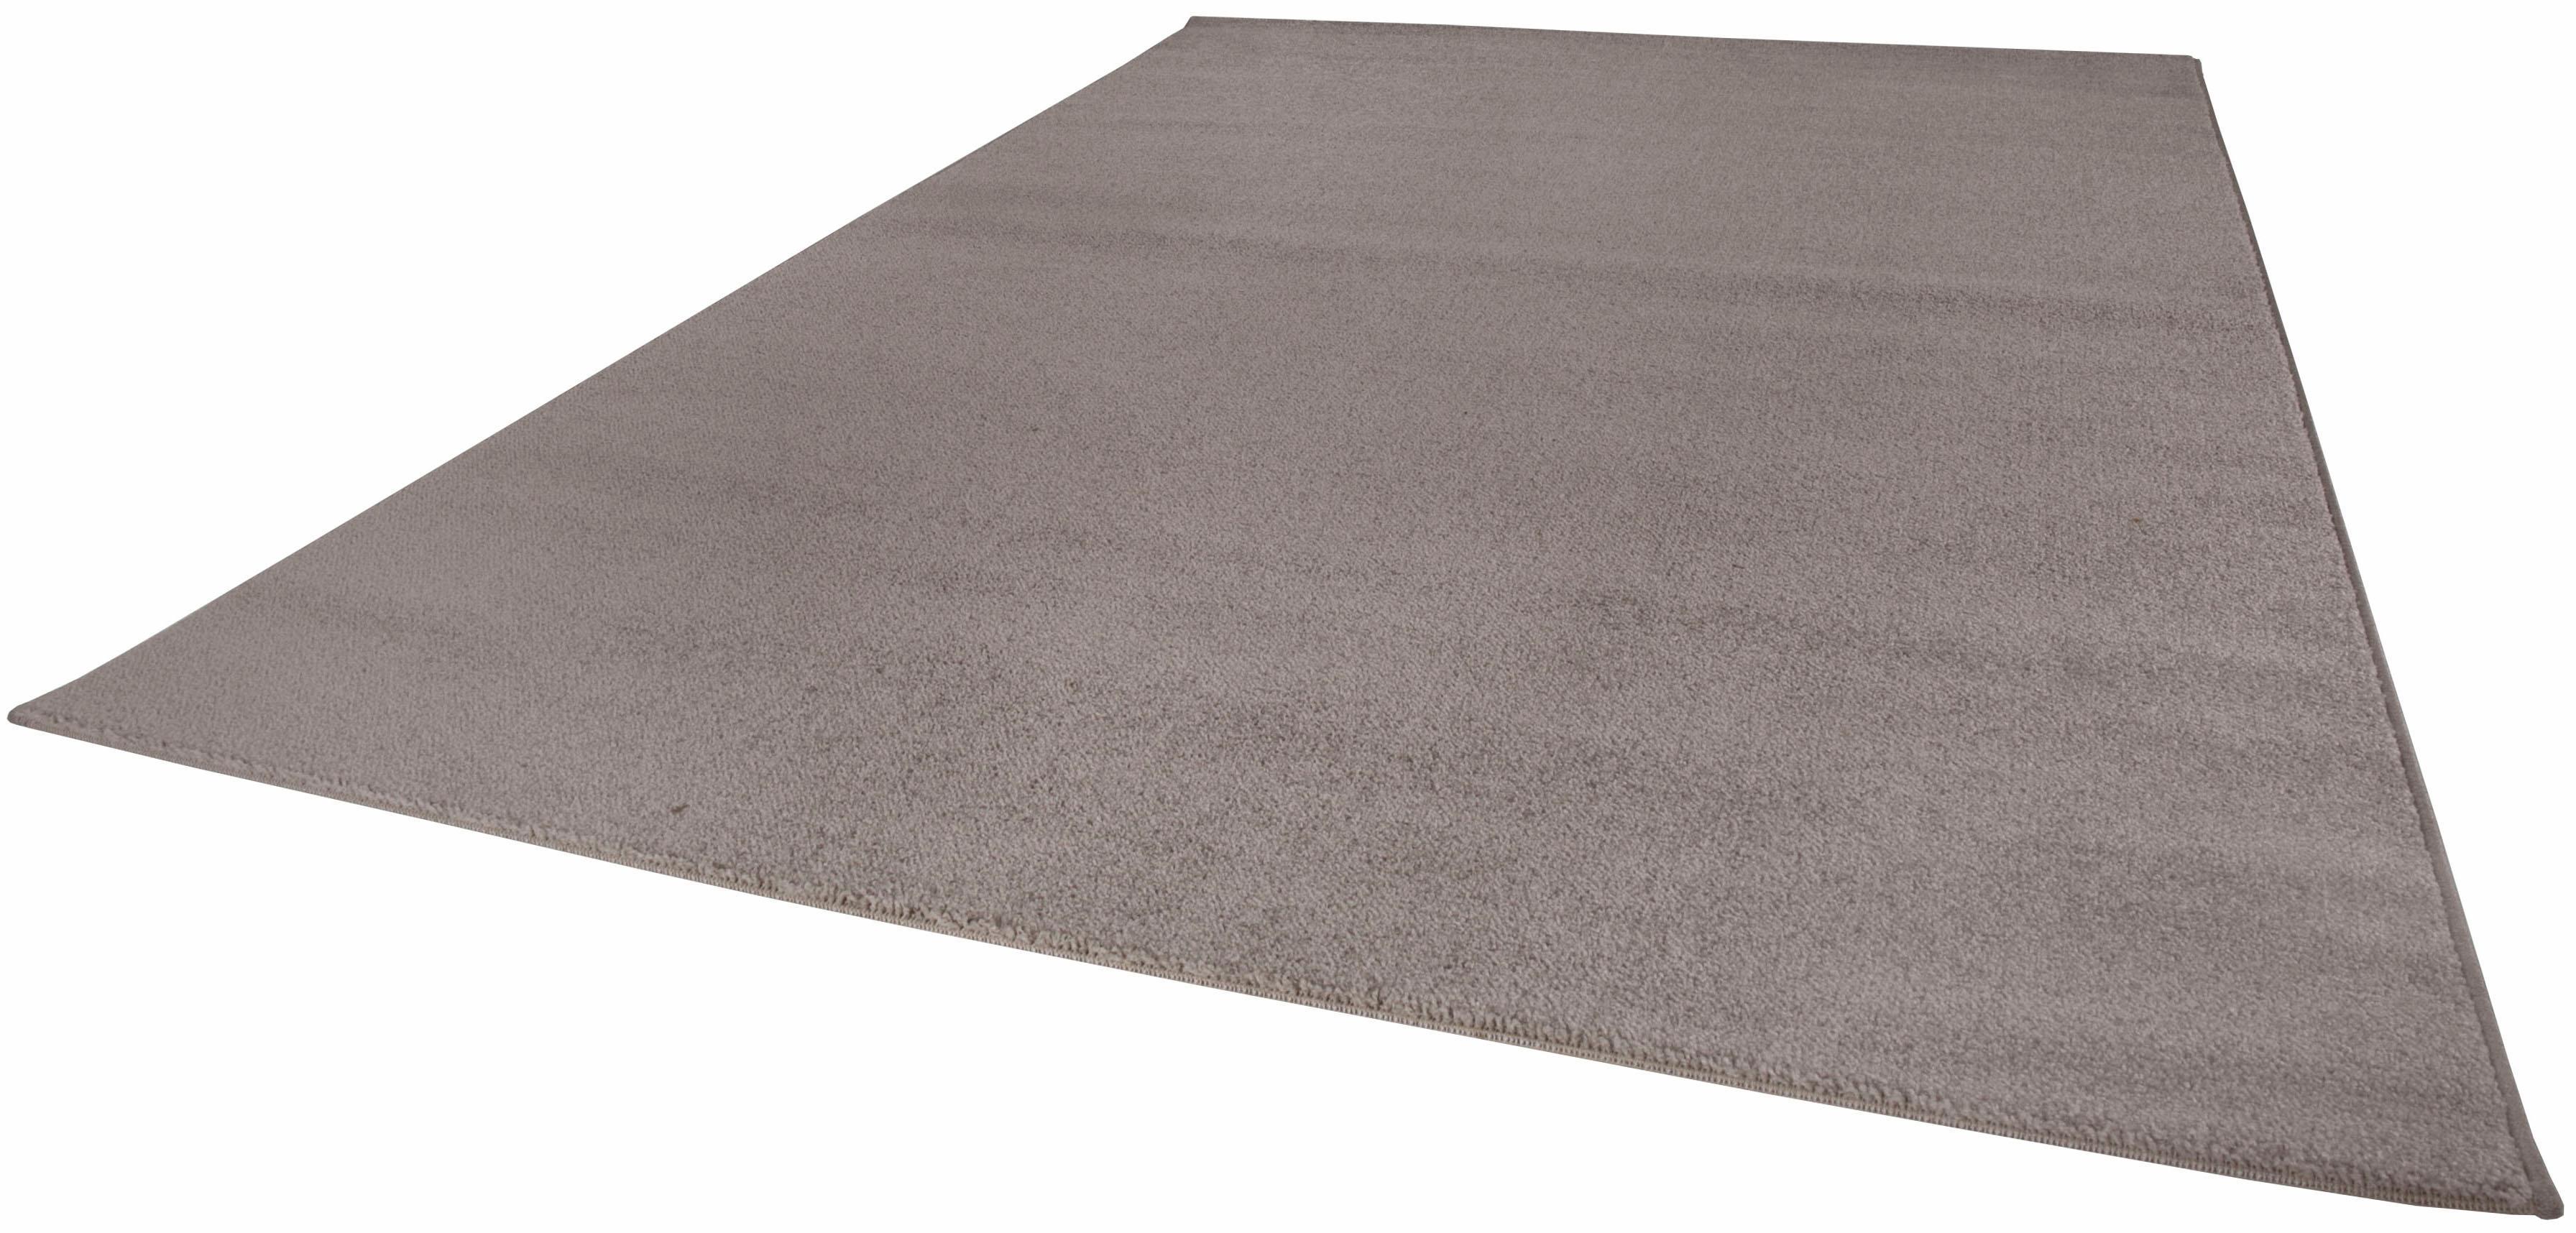 Teppich Jerez Andiamo rechteckig Höhe 8 mm maschinell gewebt